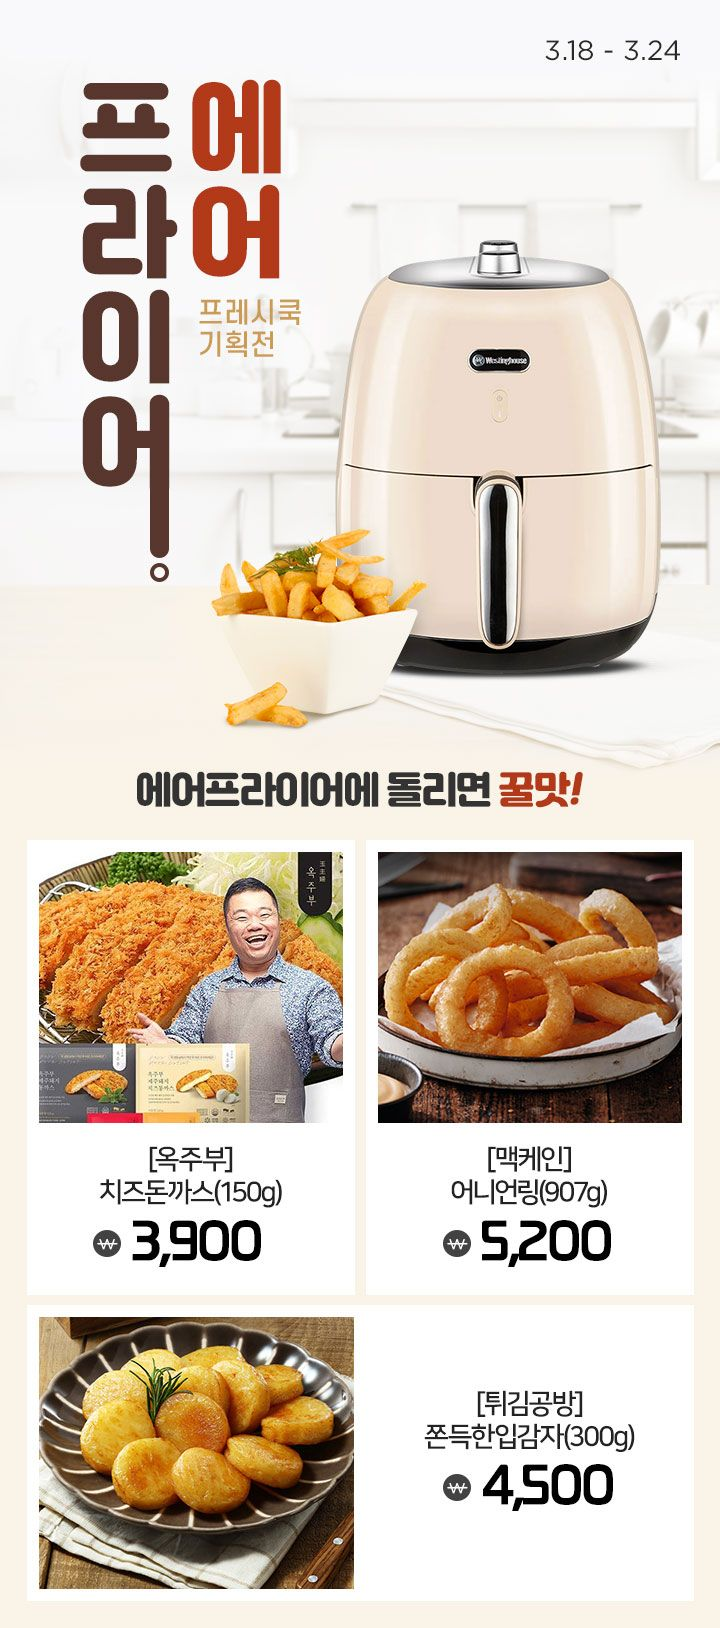 프레시쿡 3월3주 에어프라이어 2020 요리 음식 음식 포스터